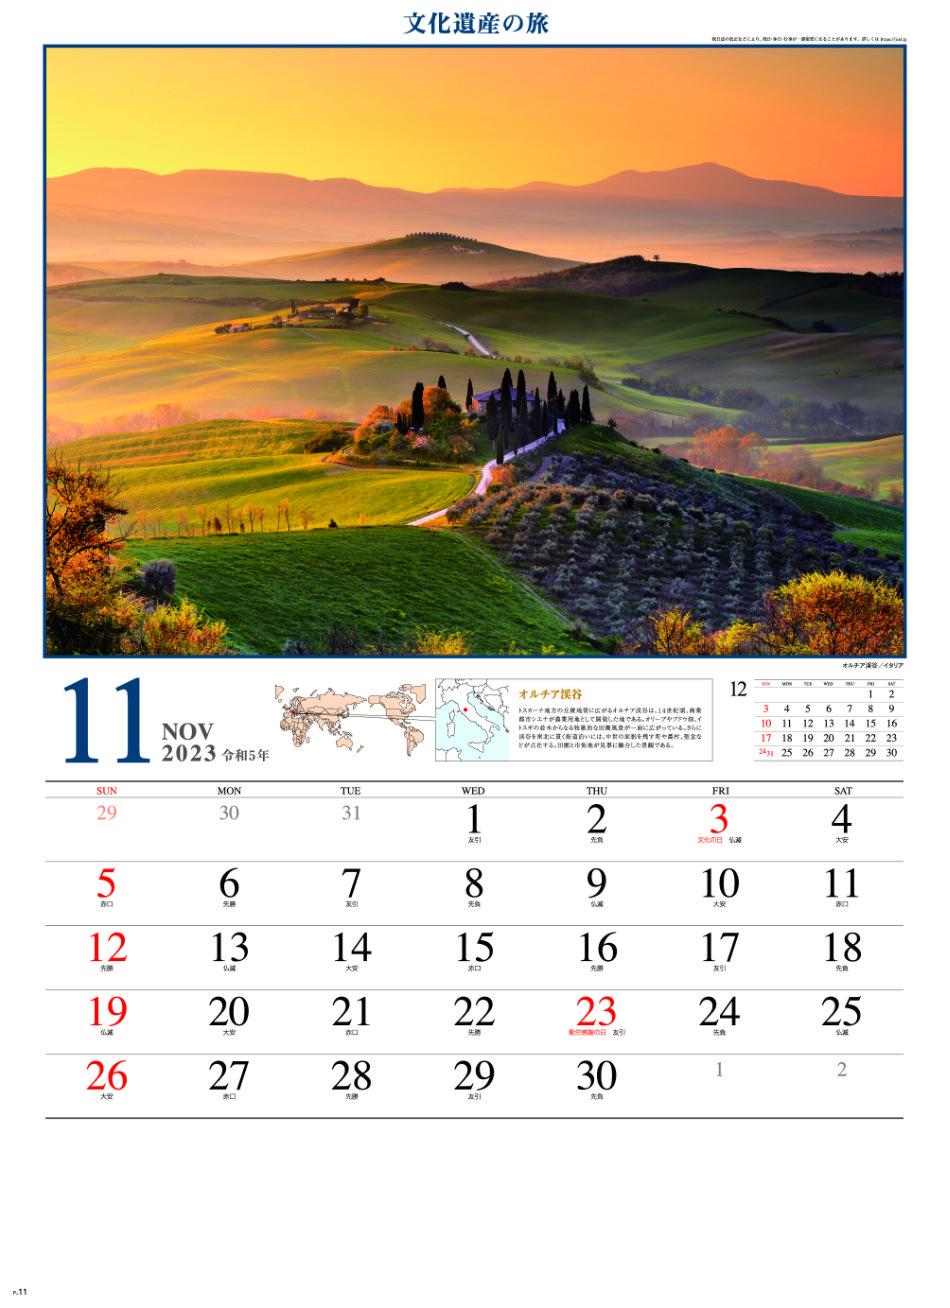 11月 法起寺 日本 文化遺産の旅(ユネスコ世界遺産) 2022年カレンダーの画像